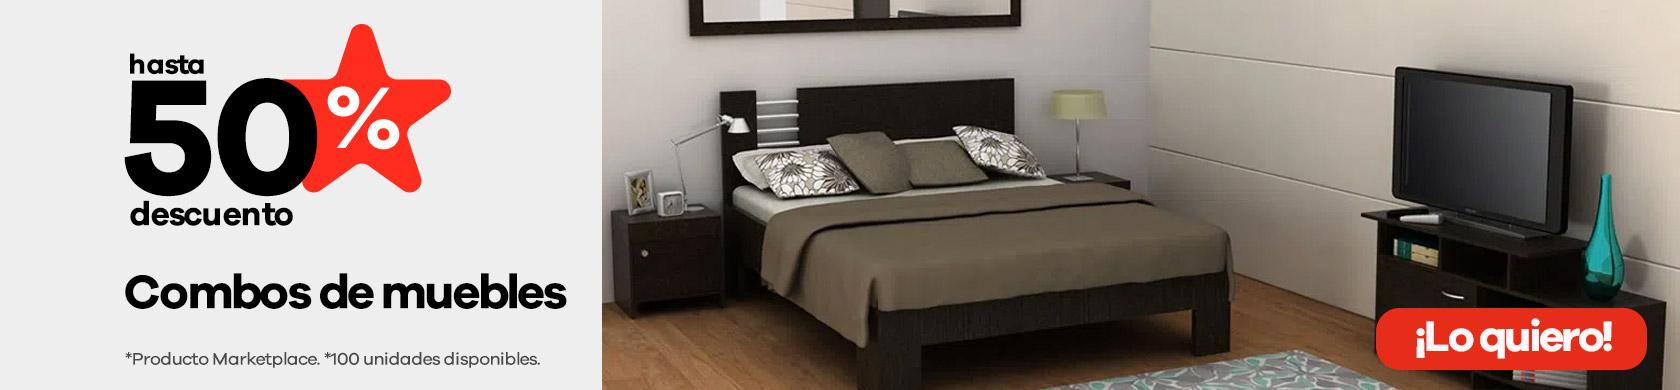 combos muebles